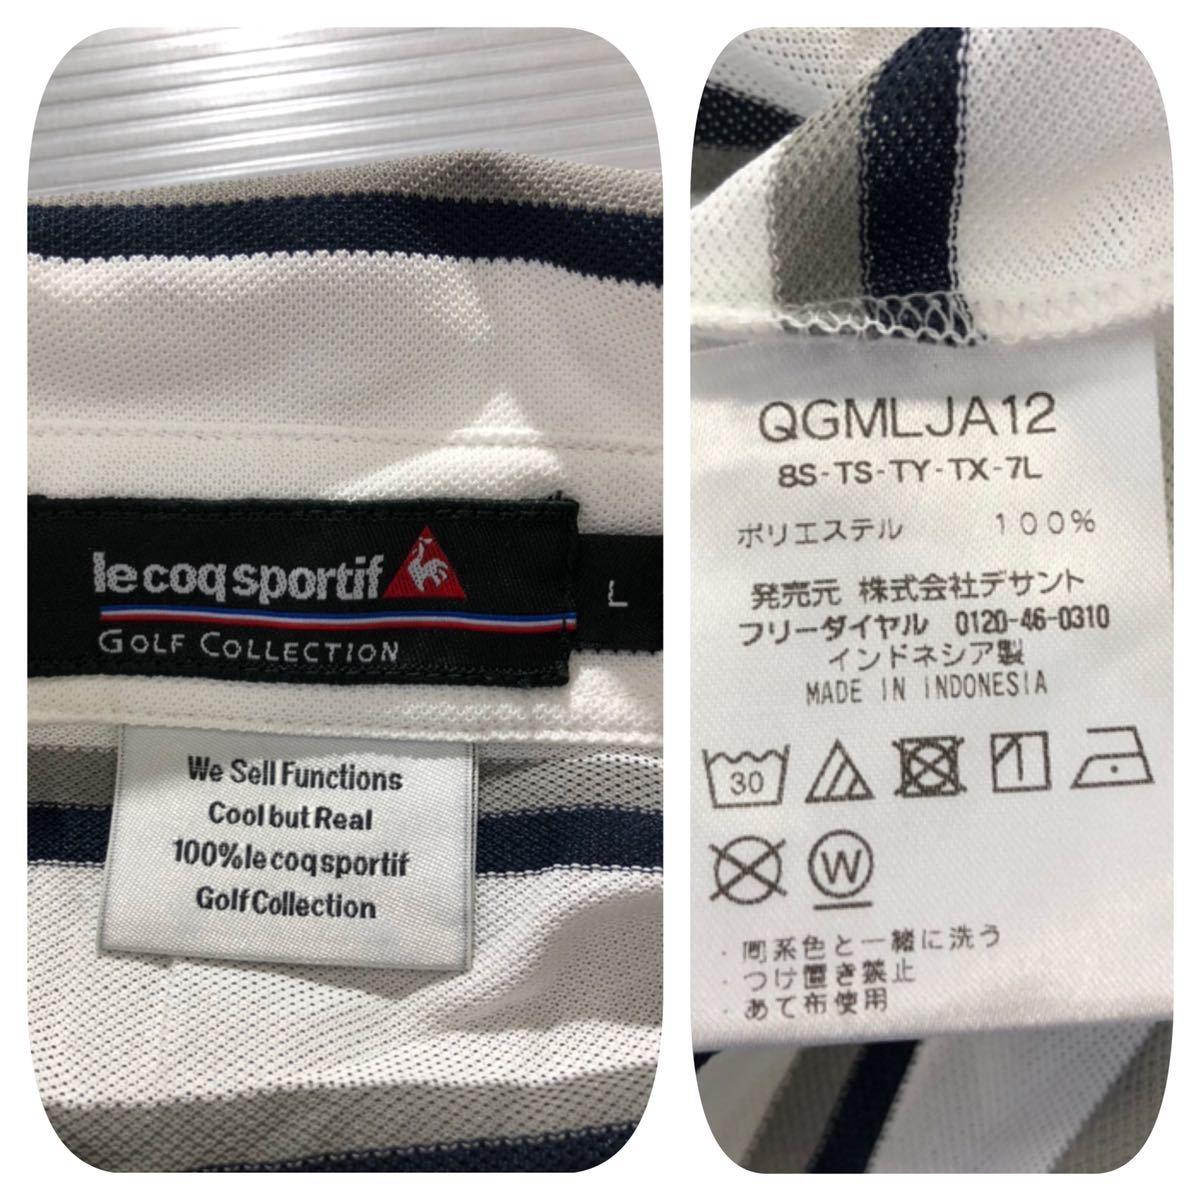 《le coq sportif GOLF ルコックゴルフ》ホワイトライン ロゴ刺繍 ボーダー柄 半袖 ポロシャツ ホワイト×グレー×ブラック L_画像6